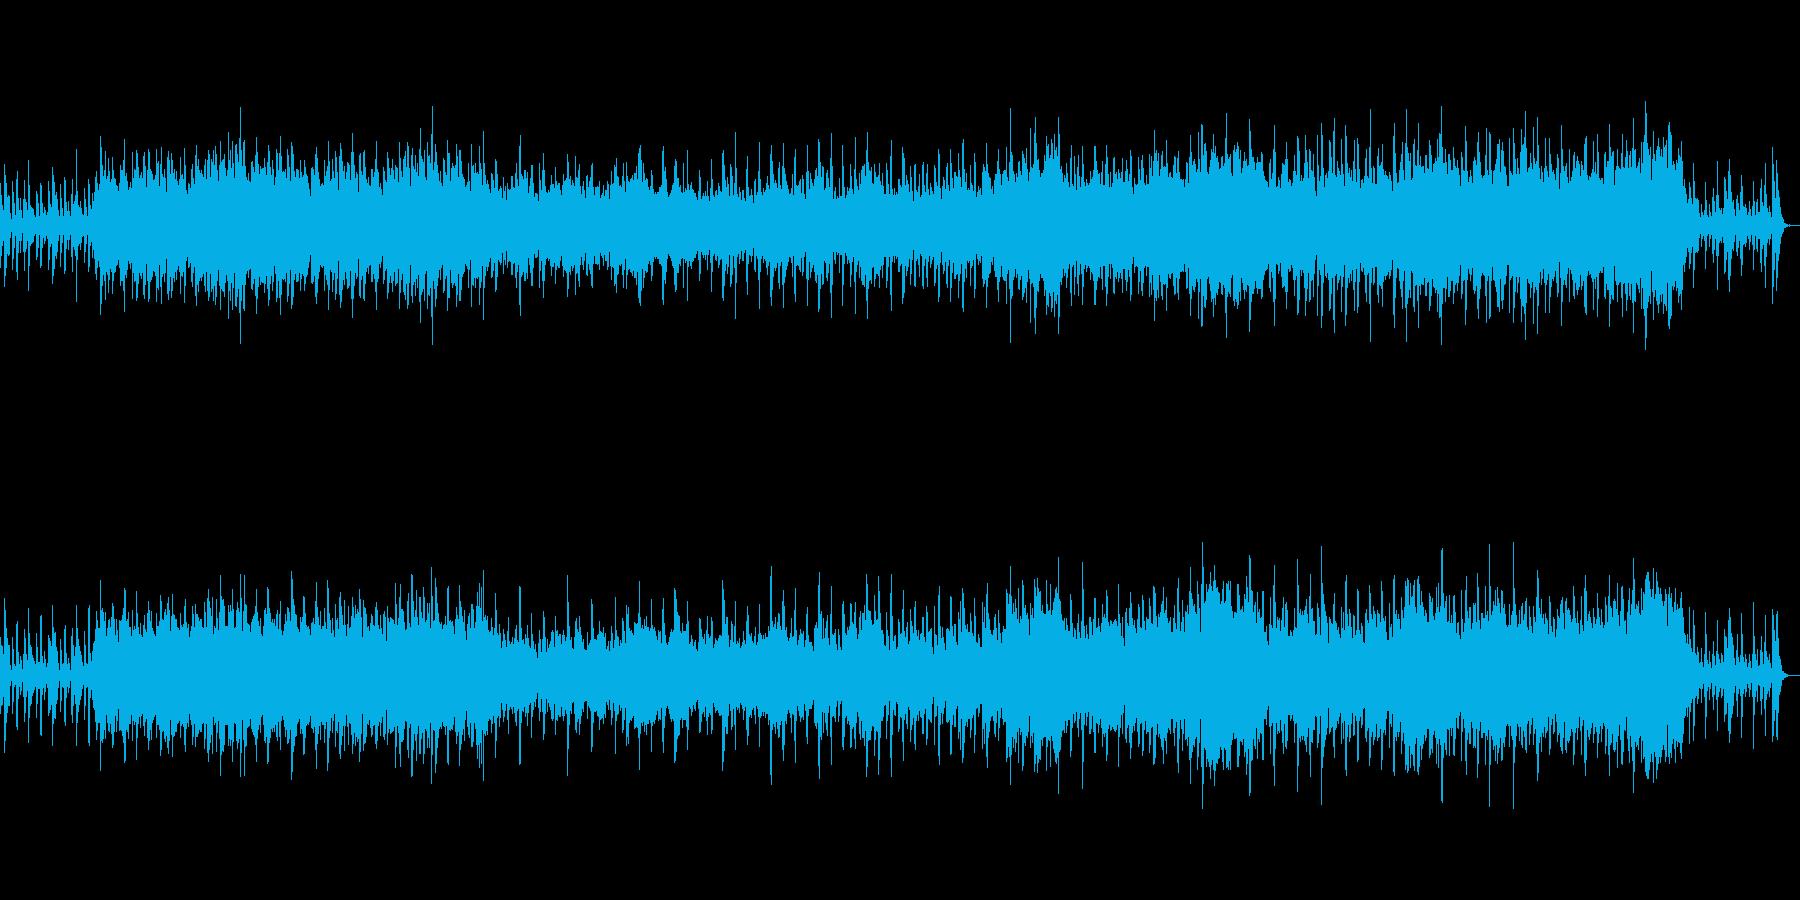 昭和の懐かしい風景に合う管弦楽の再生済みの波形